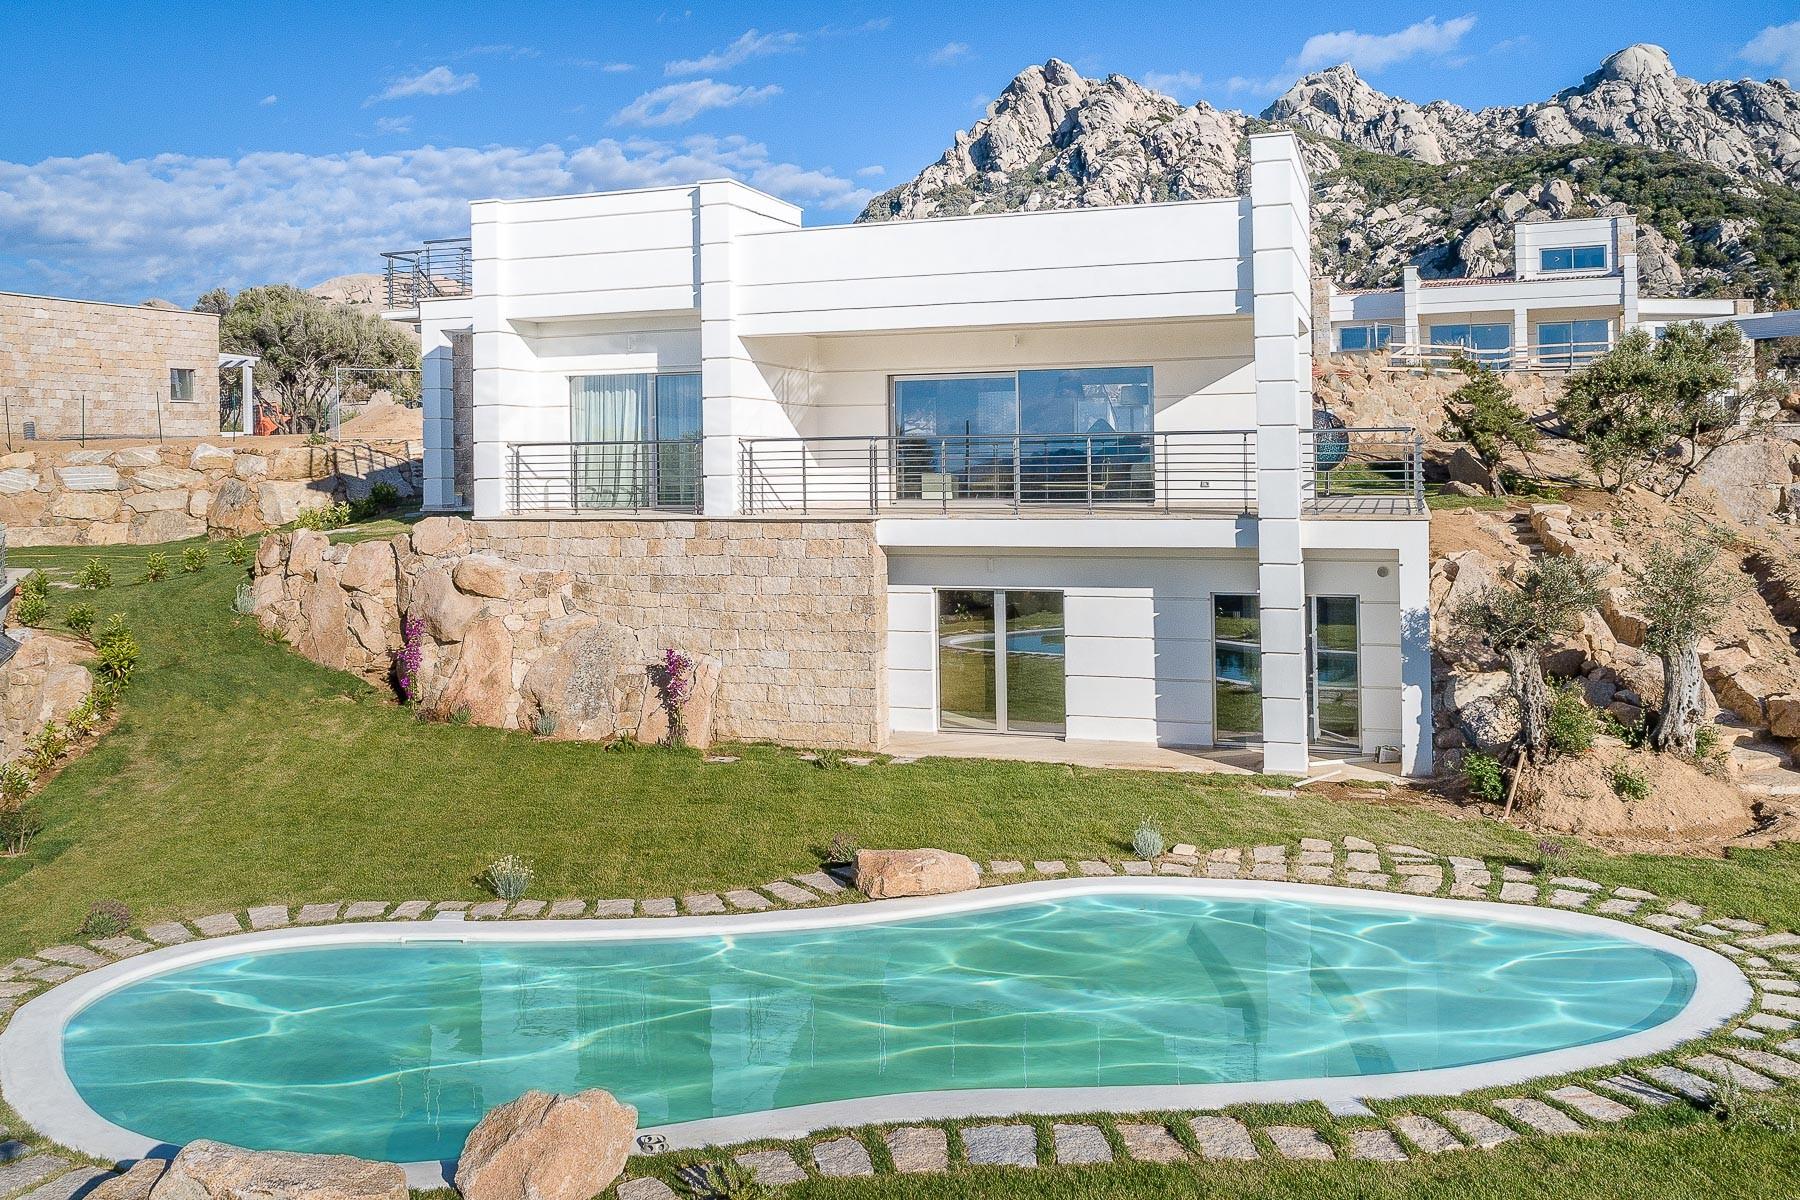 Villa in Vendita a Arzachena: 4 locali, 211 mq - Foto 1